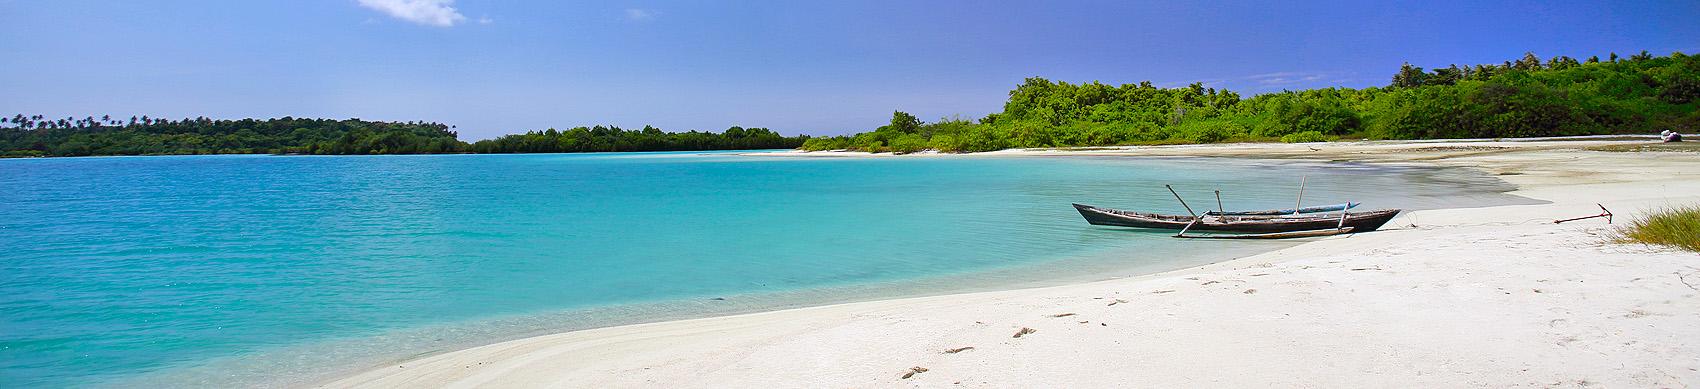 Beach on Wunga Island lagoon. North Nias (Nias Utara), Nias Island, Indonesia.